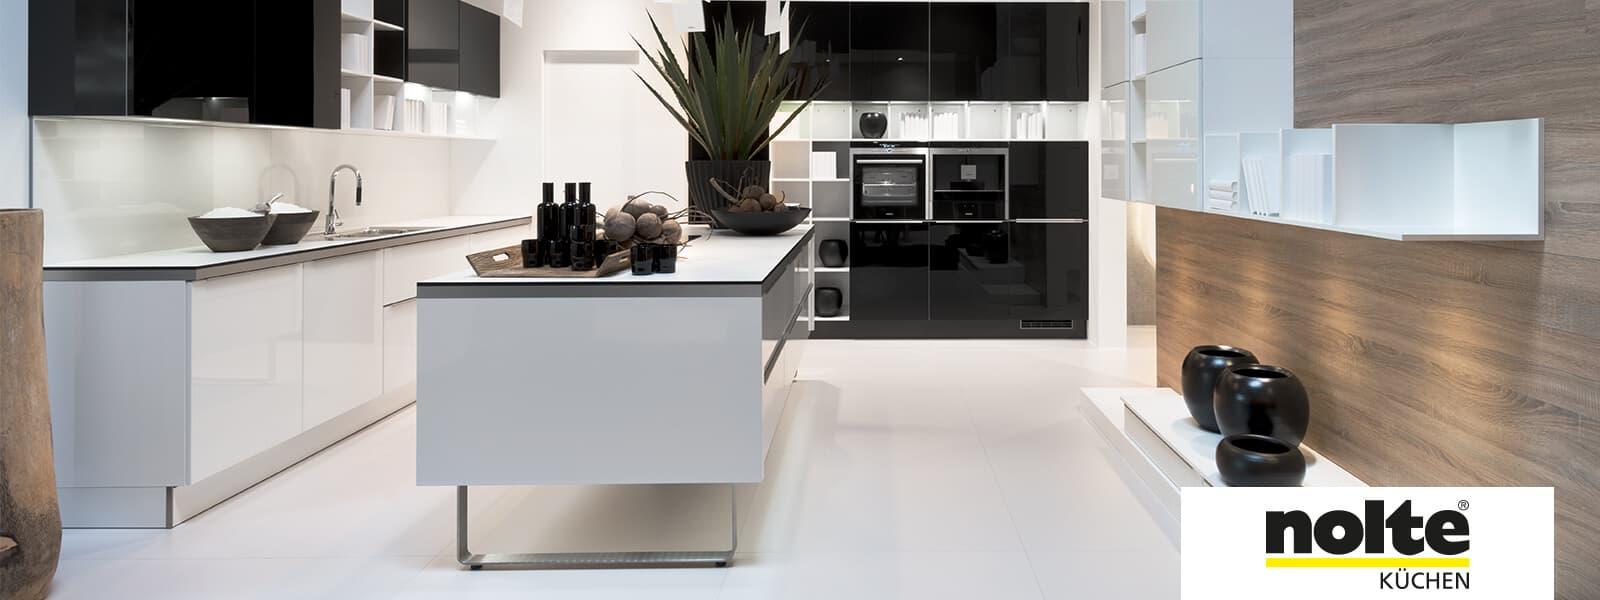 Full Size of Nolte Küchen Glasfront Glas Tec Plus Kche Einzigartig Durch Echtglasfronten Regal Betten Schlafzimmer Küche Wohnzimmer Nolte Küchen Glasfront